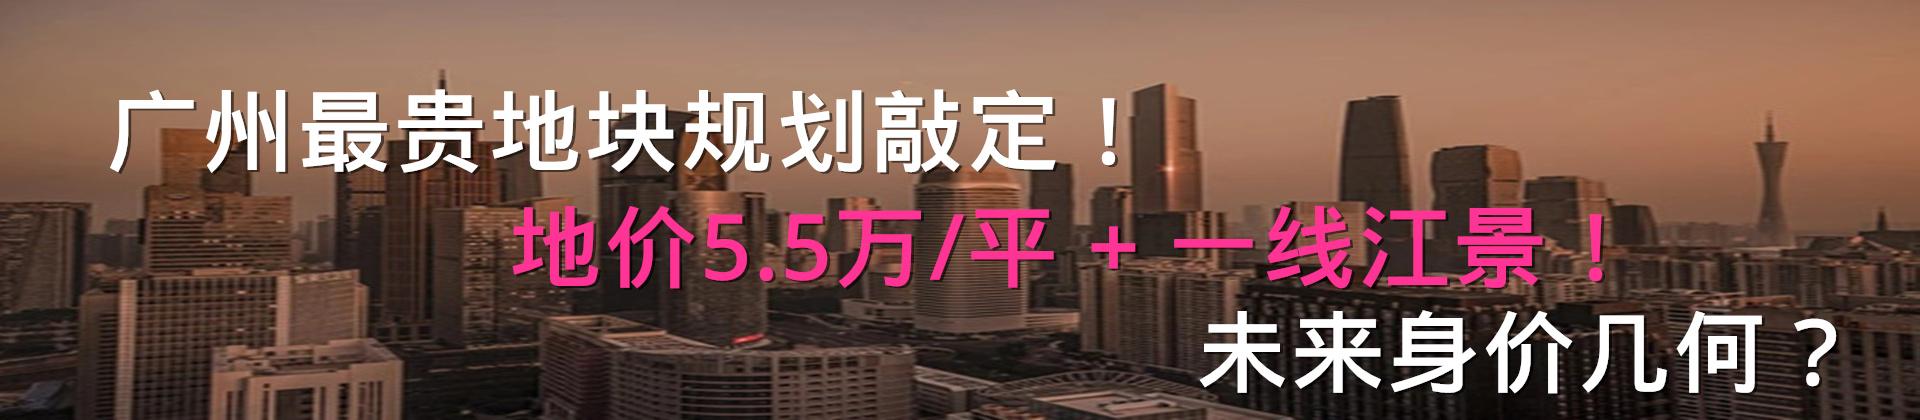 广州最贵地块规划敲定!地价5.5万/平+一线江景!